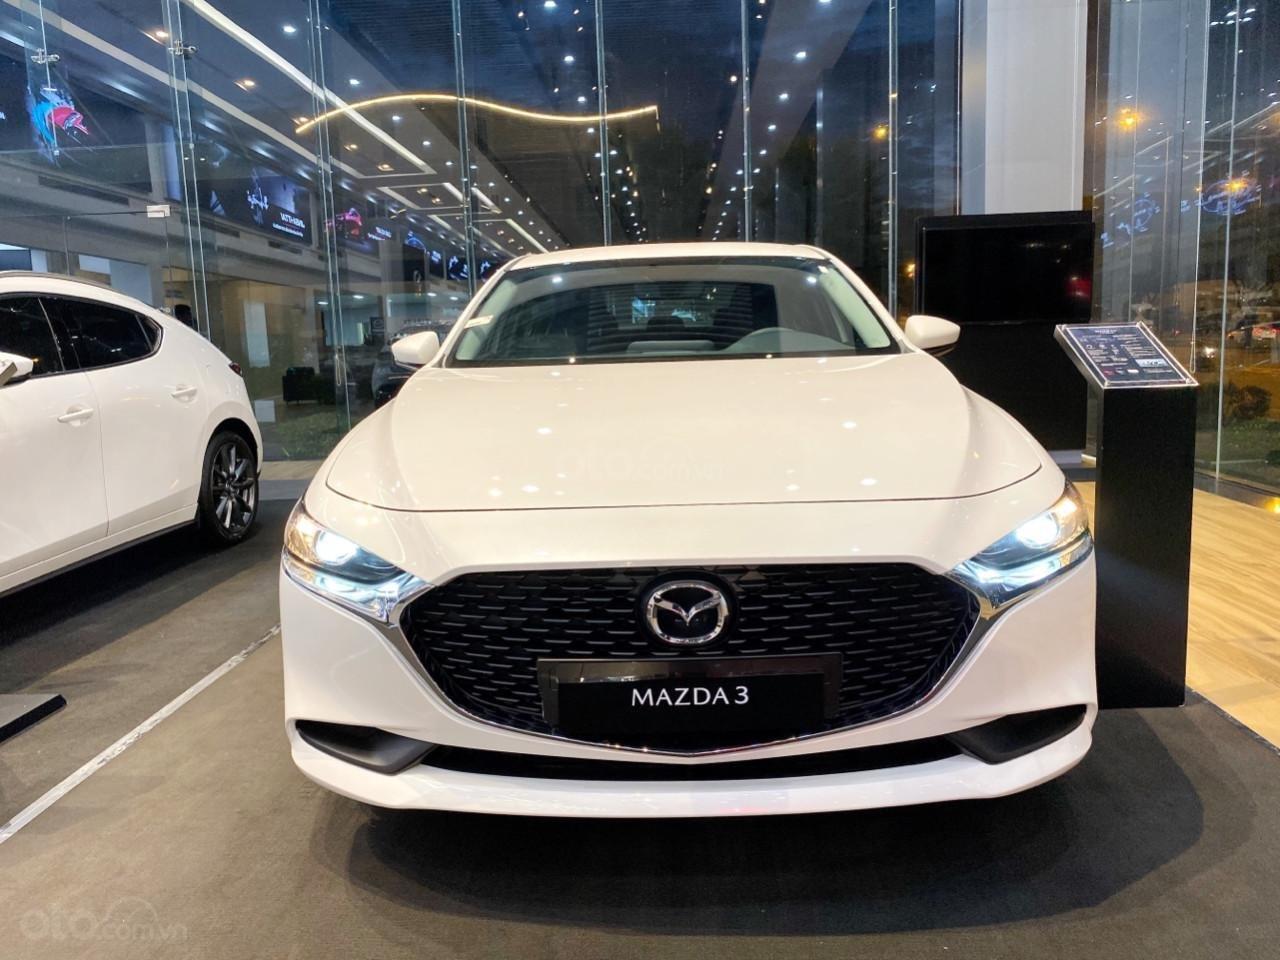 [Mazda Bình Tân - HCM] All New Mazda 3 2020, nhận ngay ưu đãi 50% phí trước bạ, tặng bộ phụ kiện chính hãng (2)